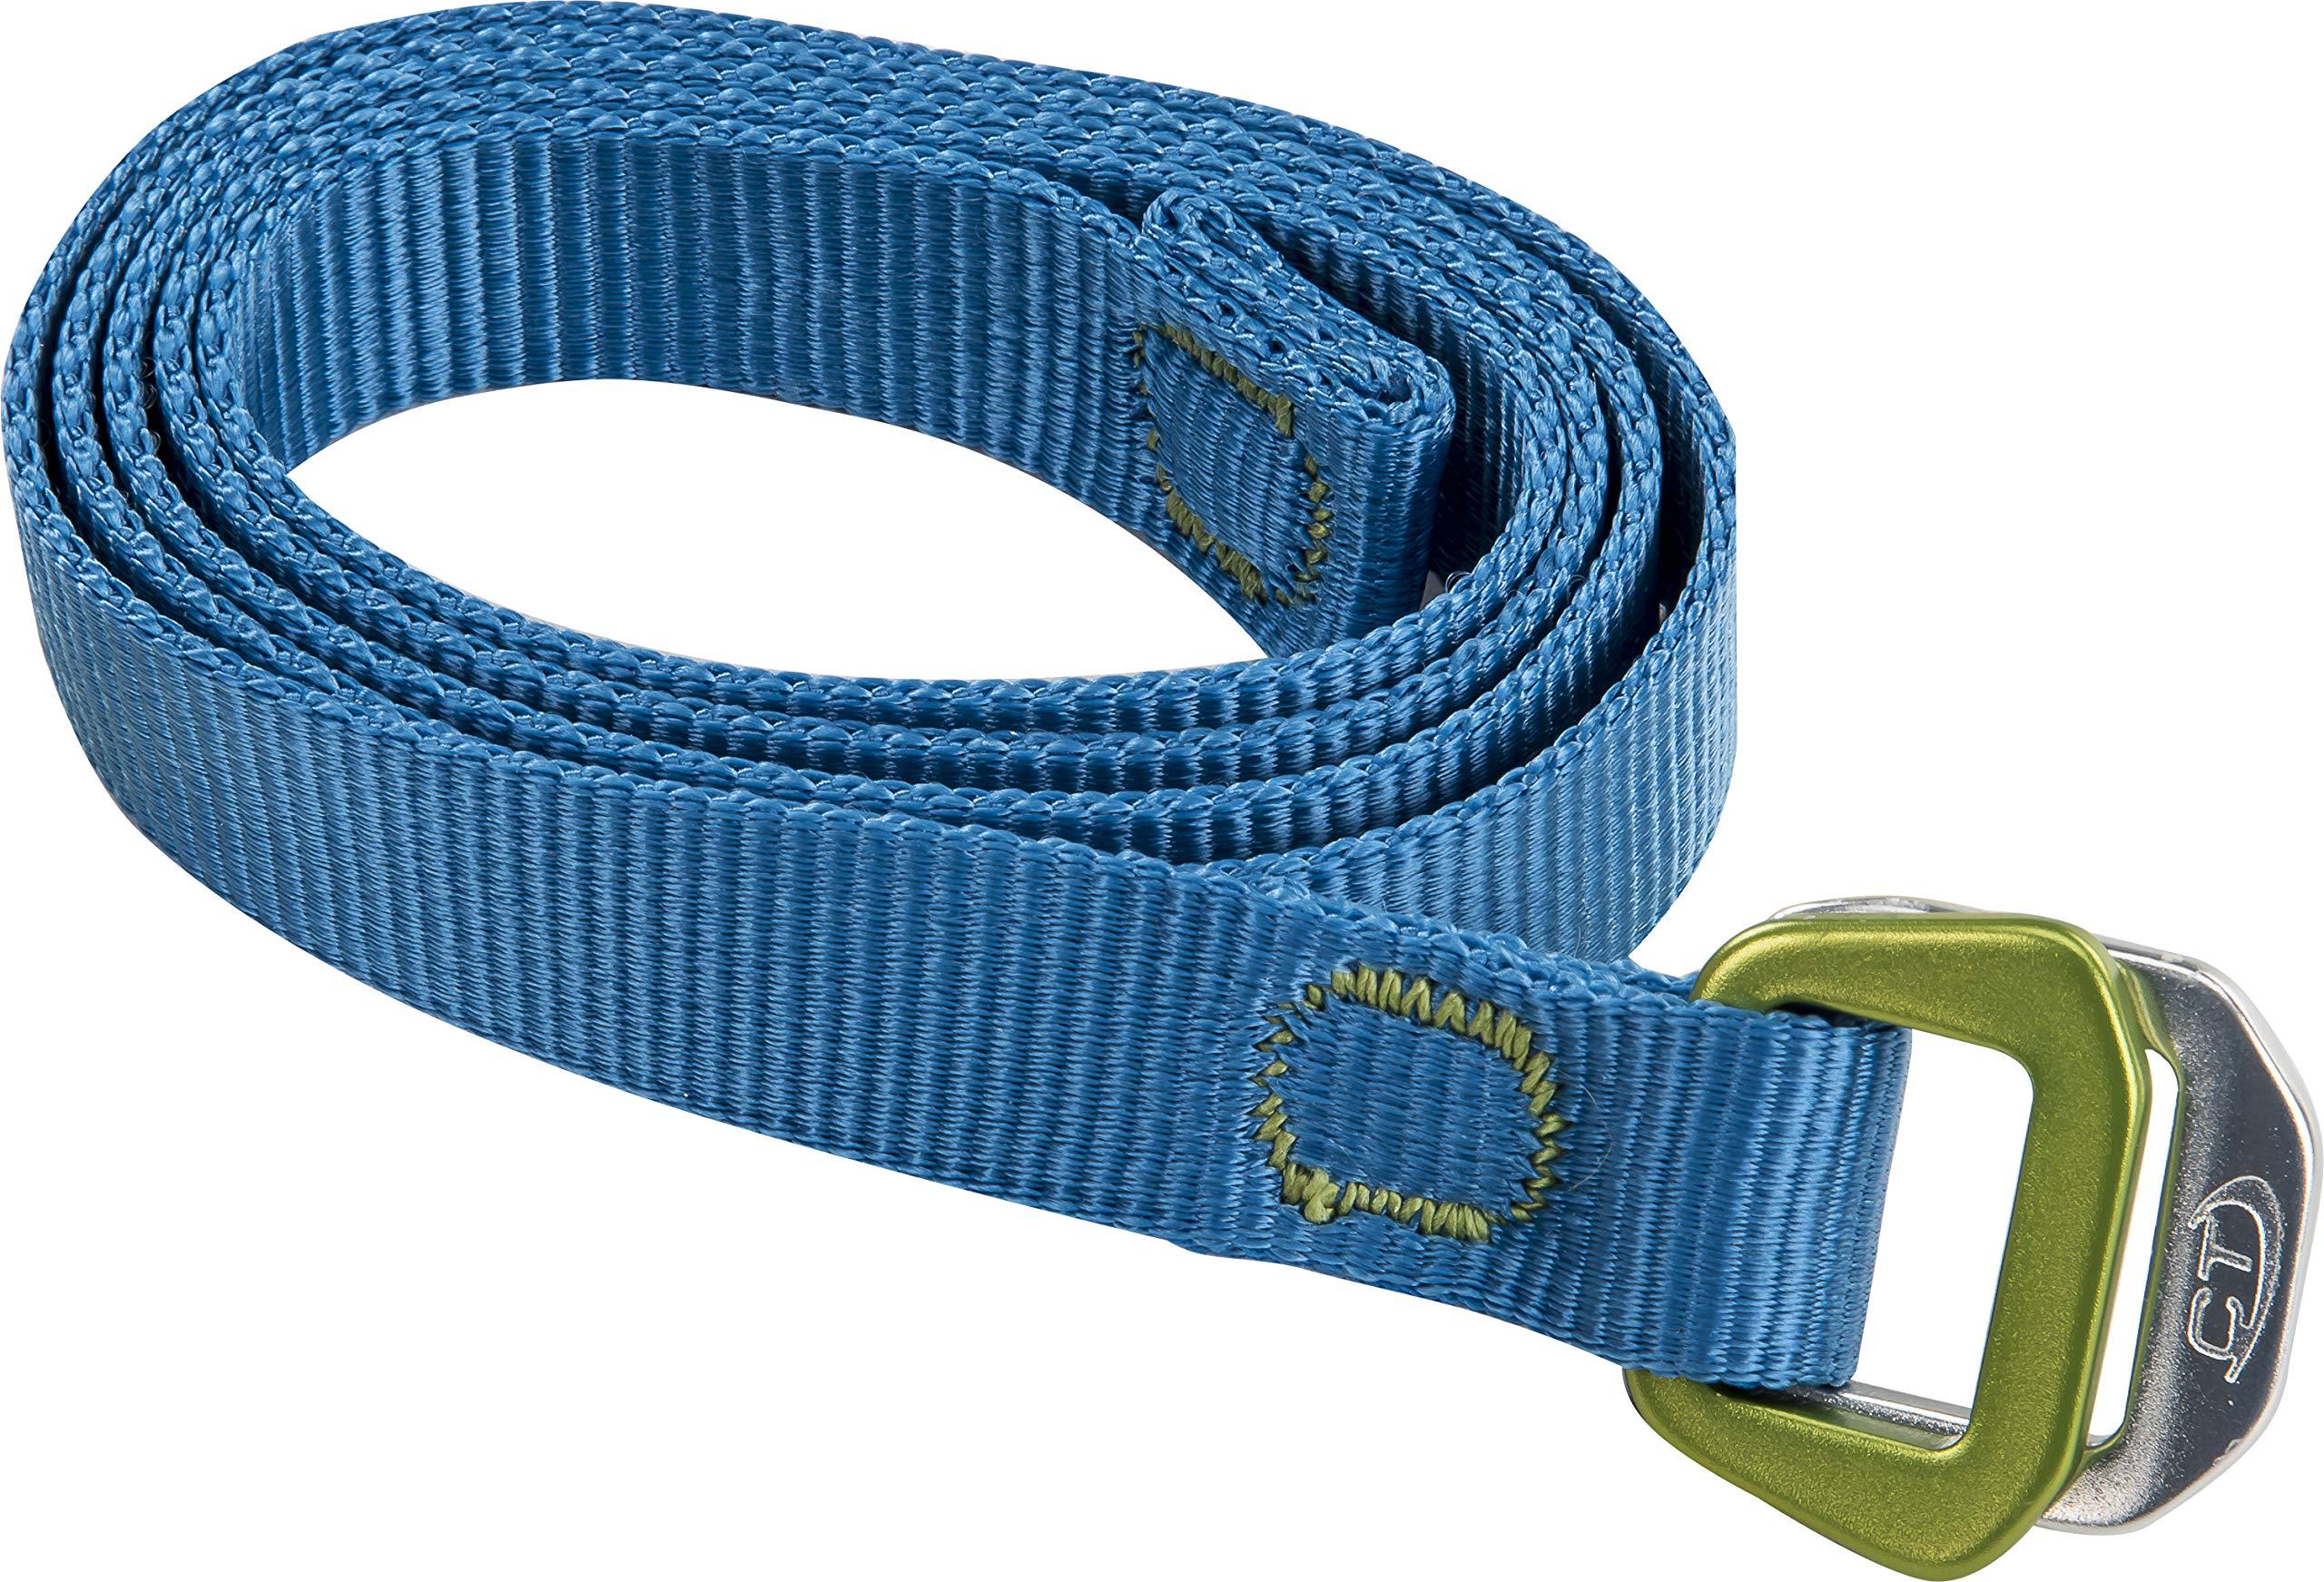 Climbing Technology 7X934ACCTSTD Ct Belt Gürtel, blau, Einheitsgröße